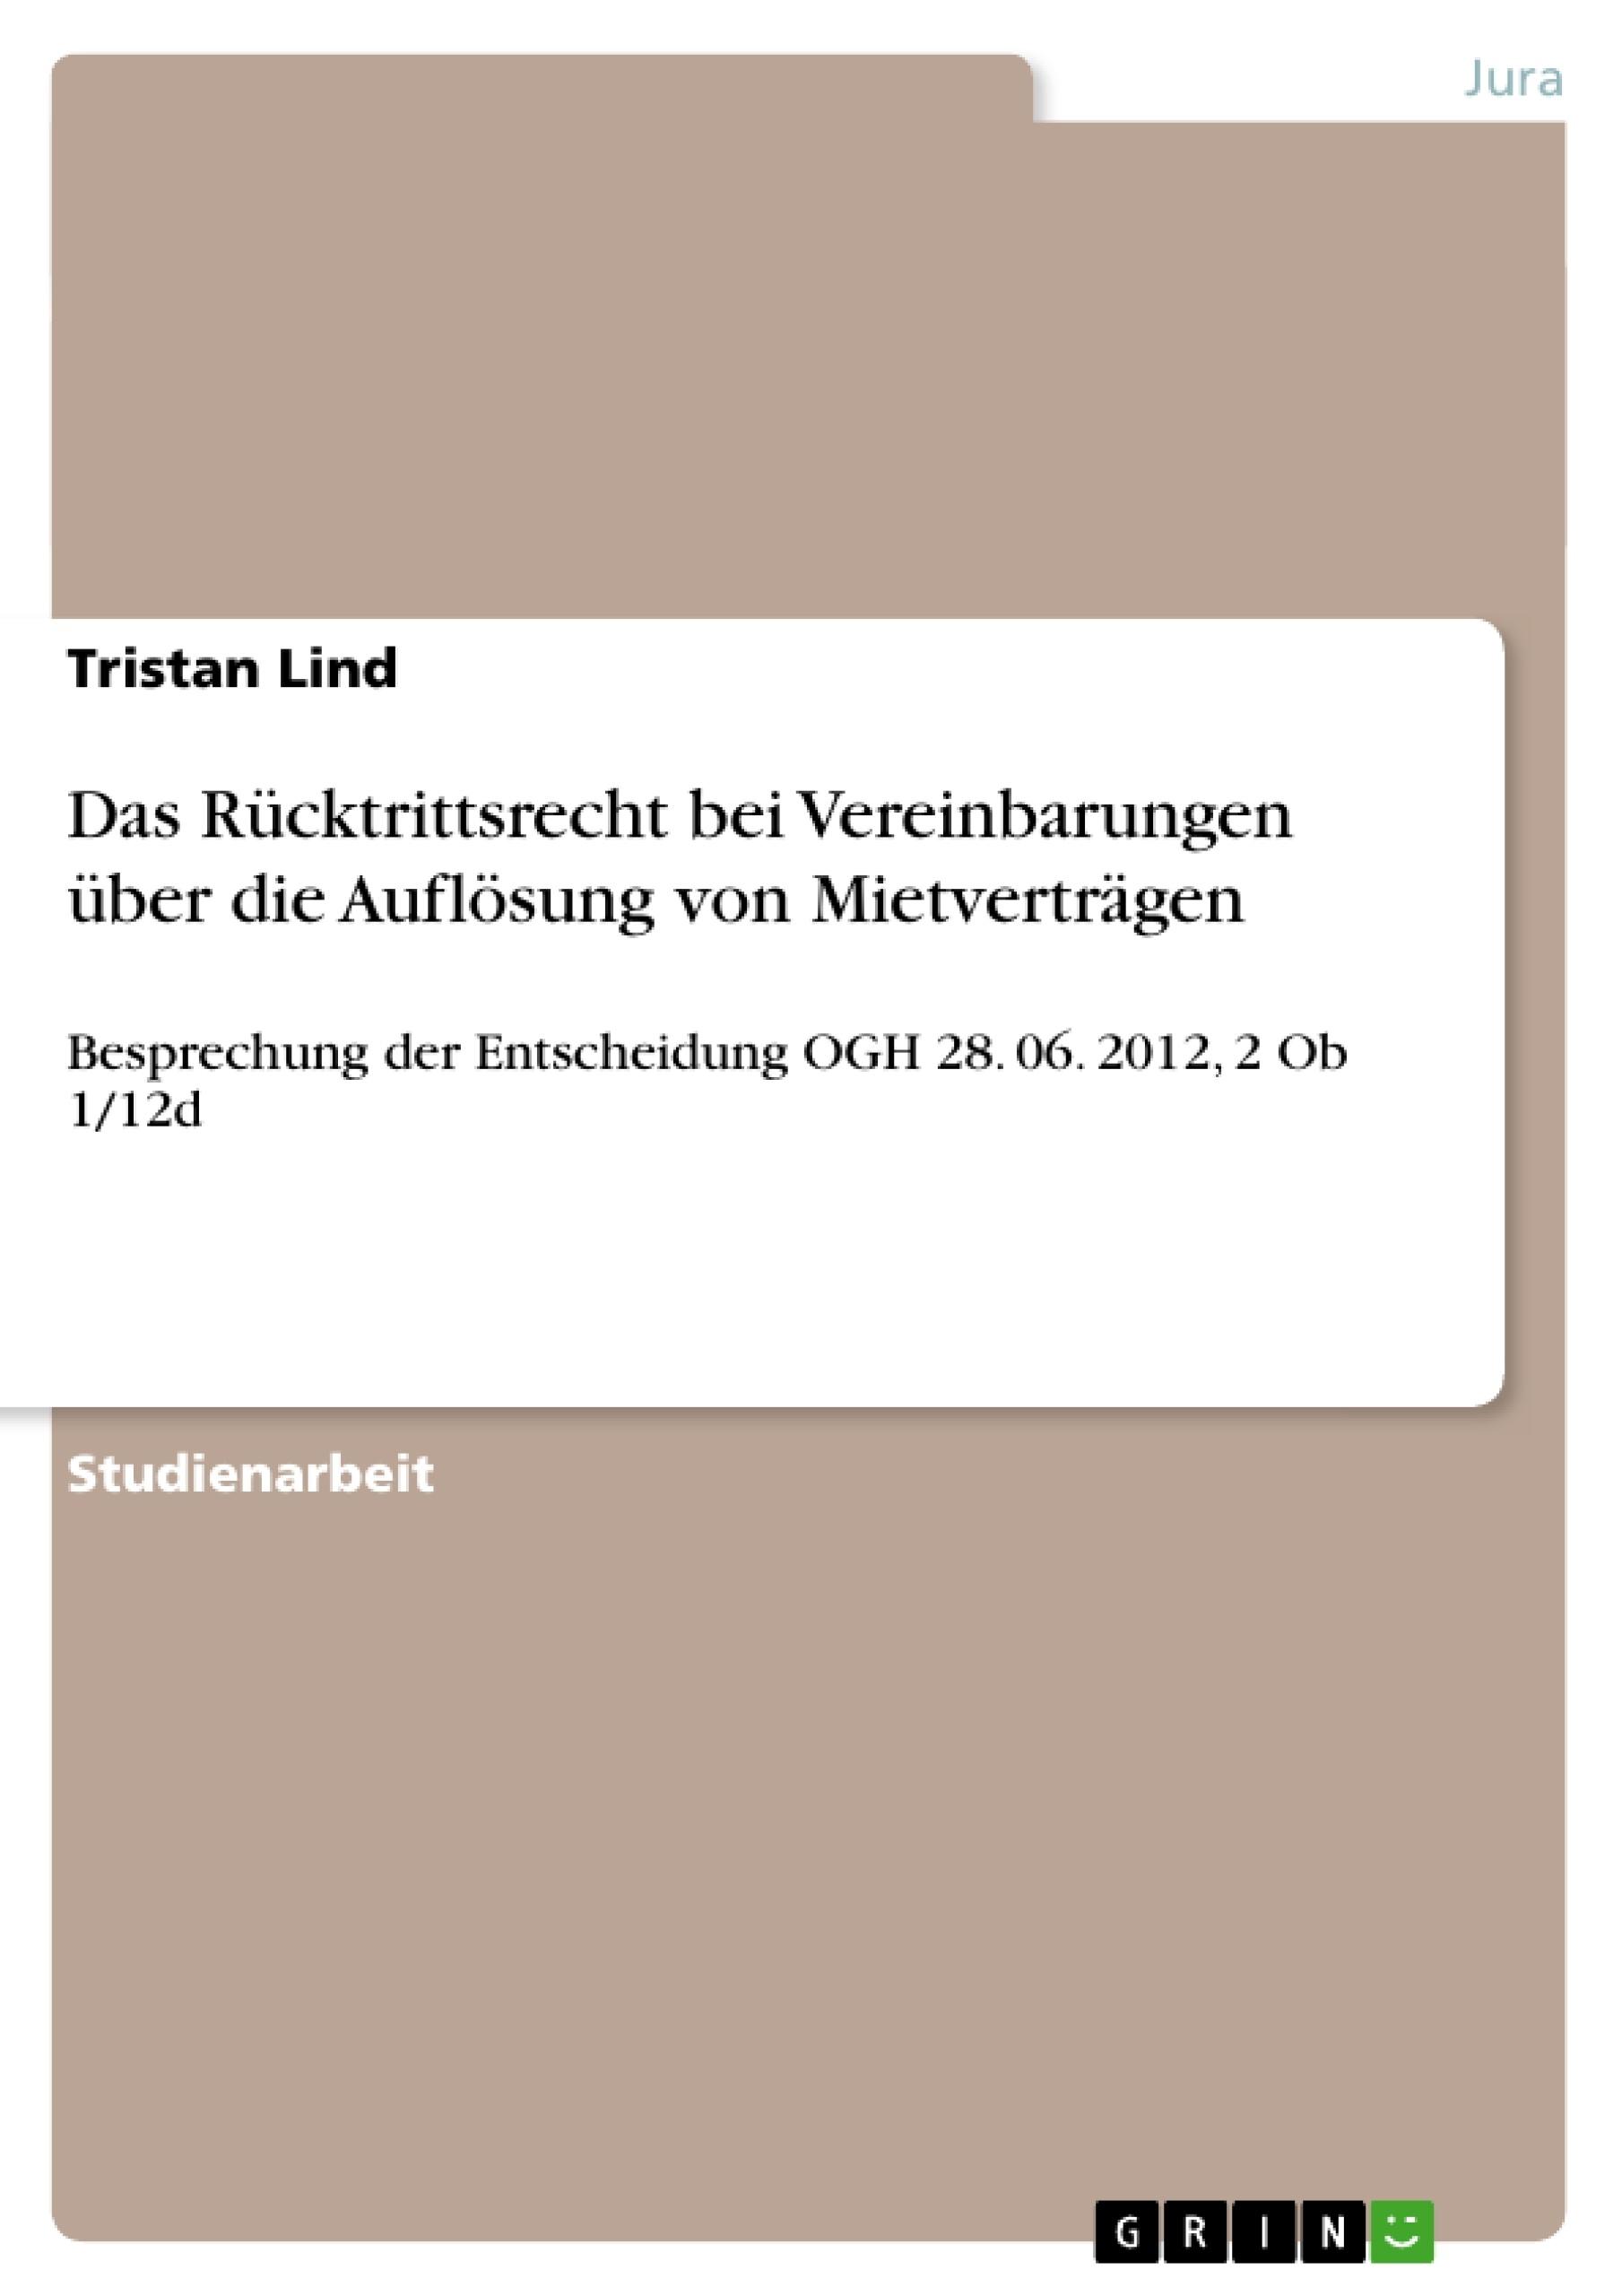 Titel: Das Rücktrittsrecht bei Vereinbarungen über die Auflösung von Mietverträgen